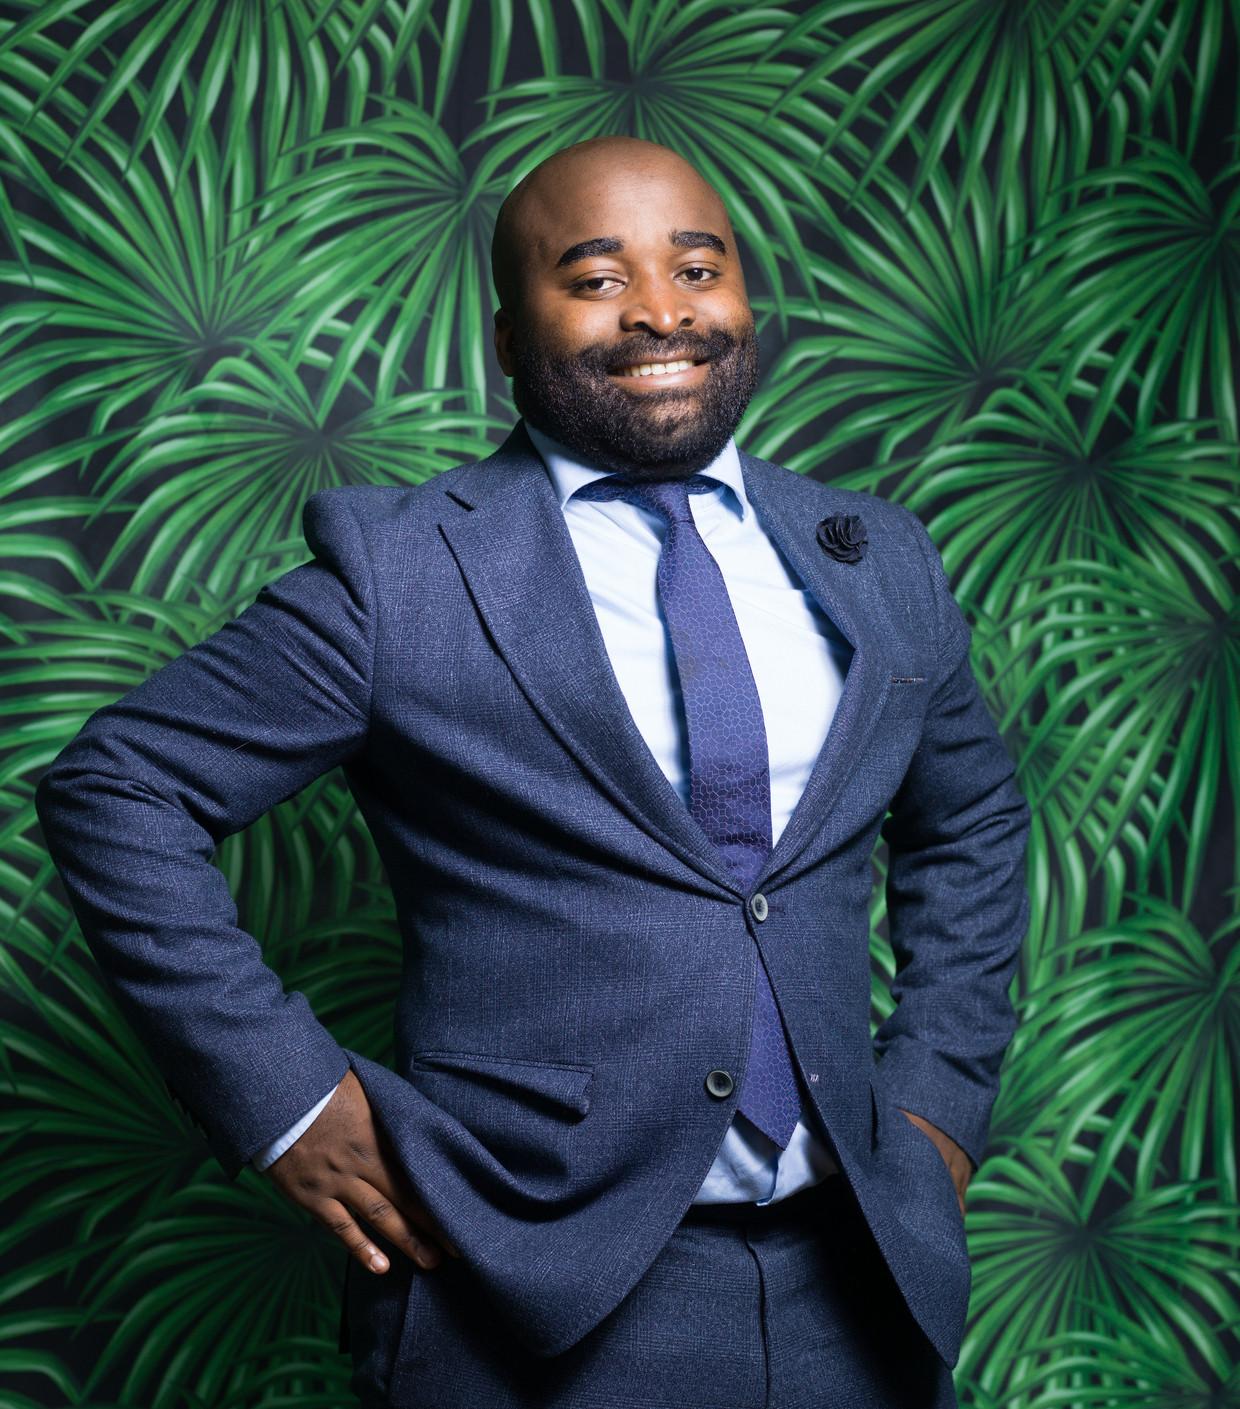 Kiza Magendane: 'In naam van de natiestaat wordt het getolereerd dat mensen verdrinken alsze op zoek gaan naar een beter leven. Dat vind ik onacceptabel.' Beeld Ivo van der Bent